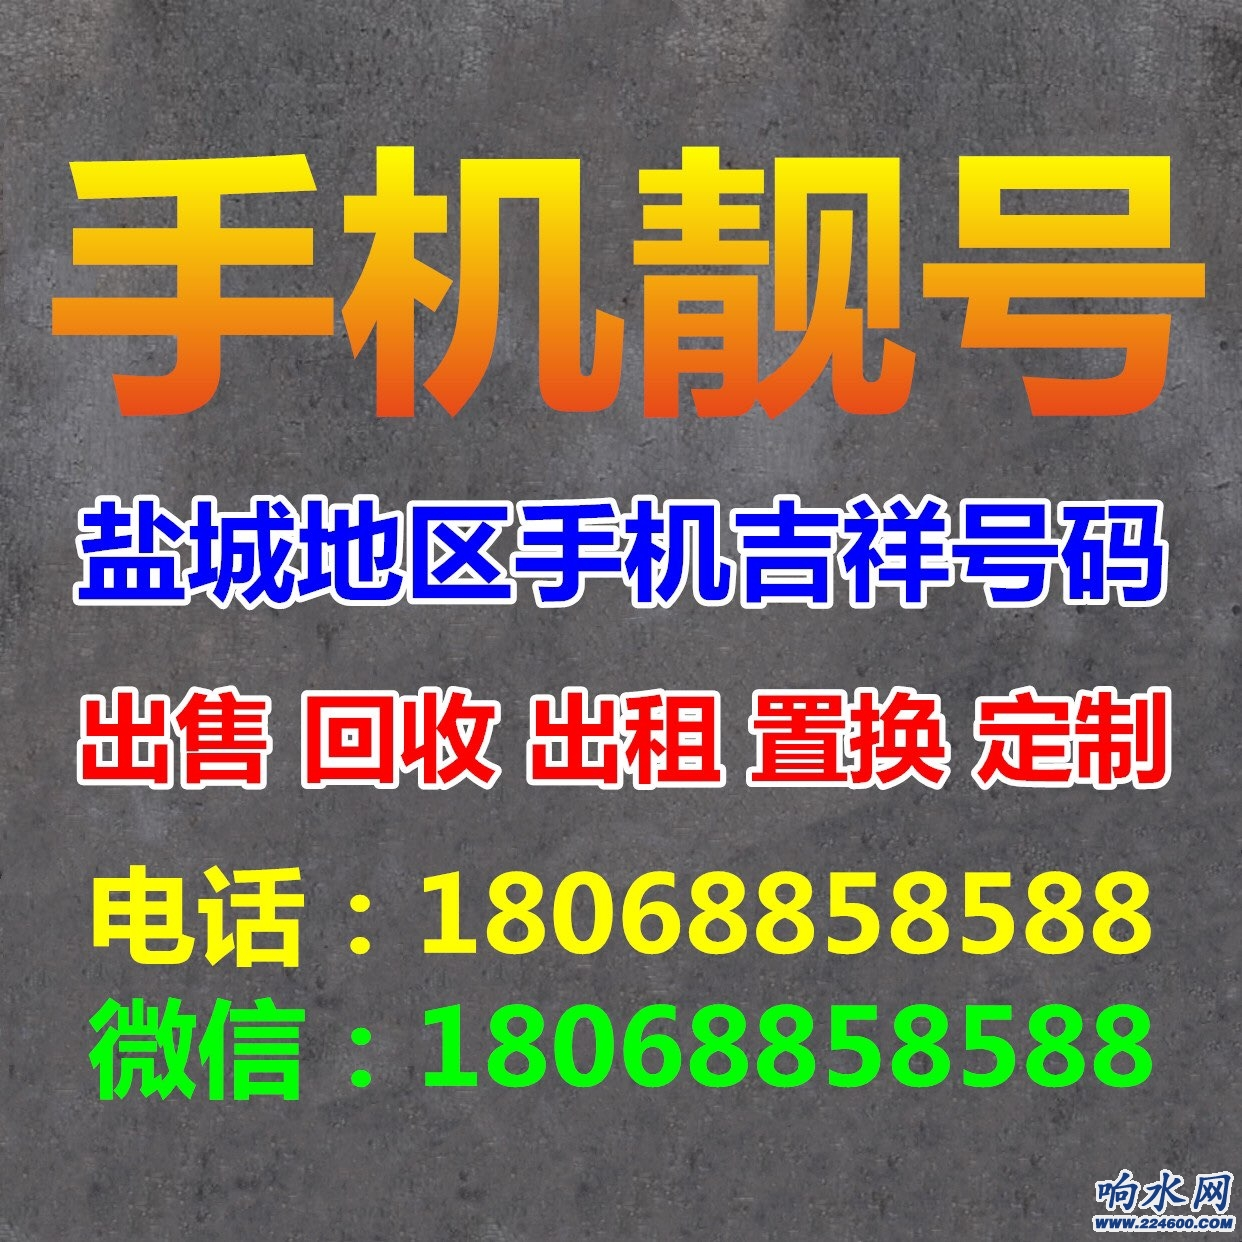 201908124251391565613555753885.jpg